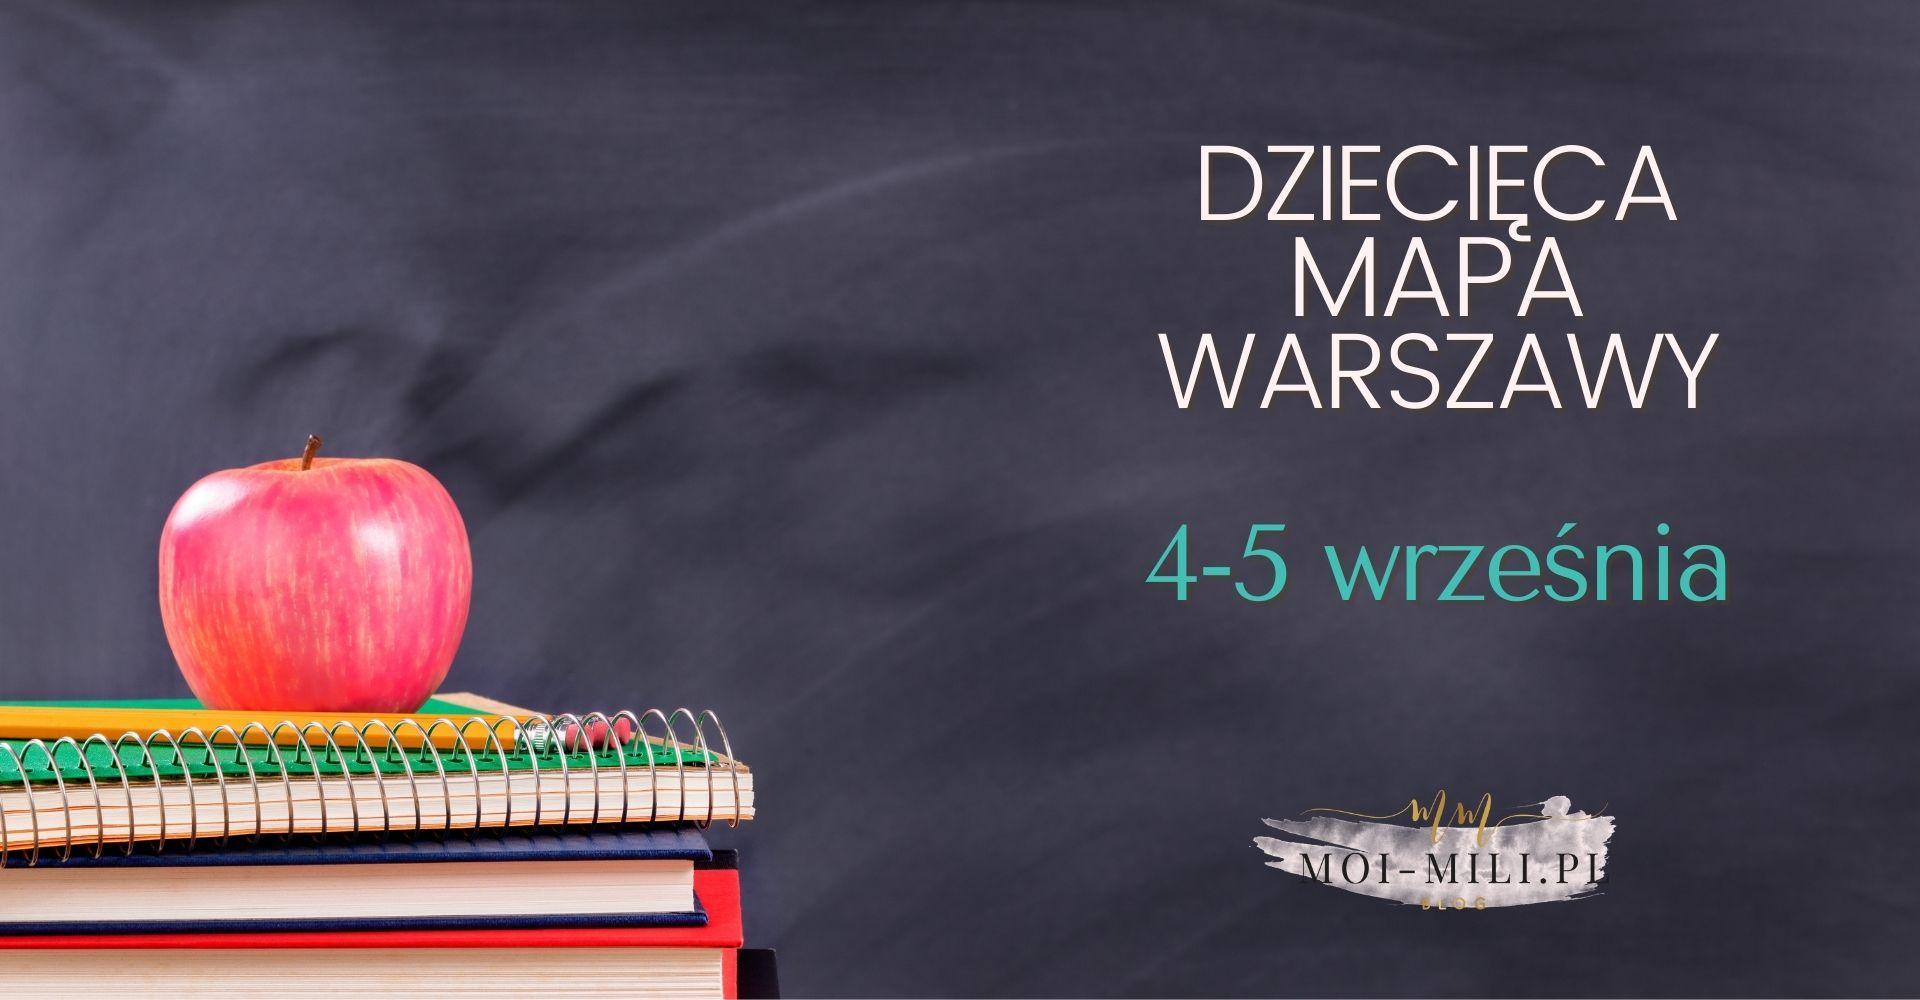 Weekendowa Zajawka, czyli co robić z dzieckiem w Warszawie 4-5 września